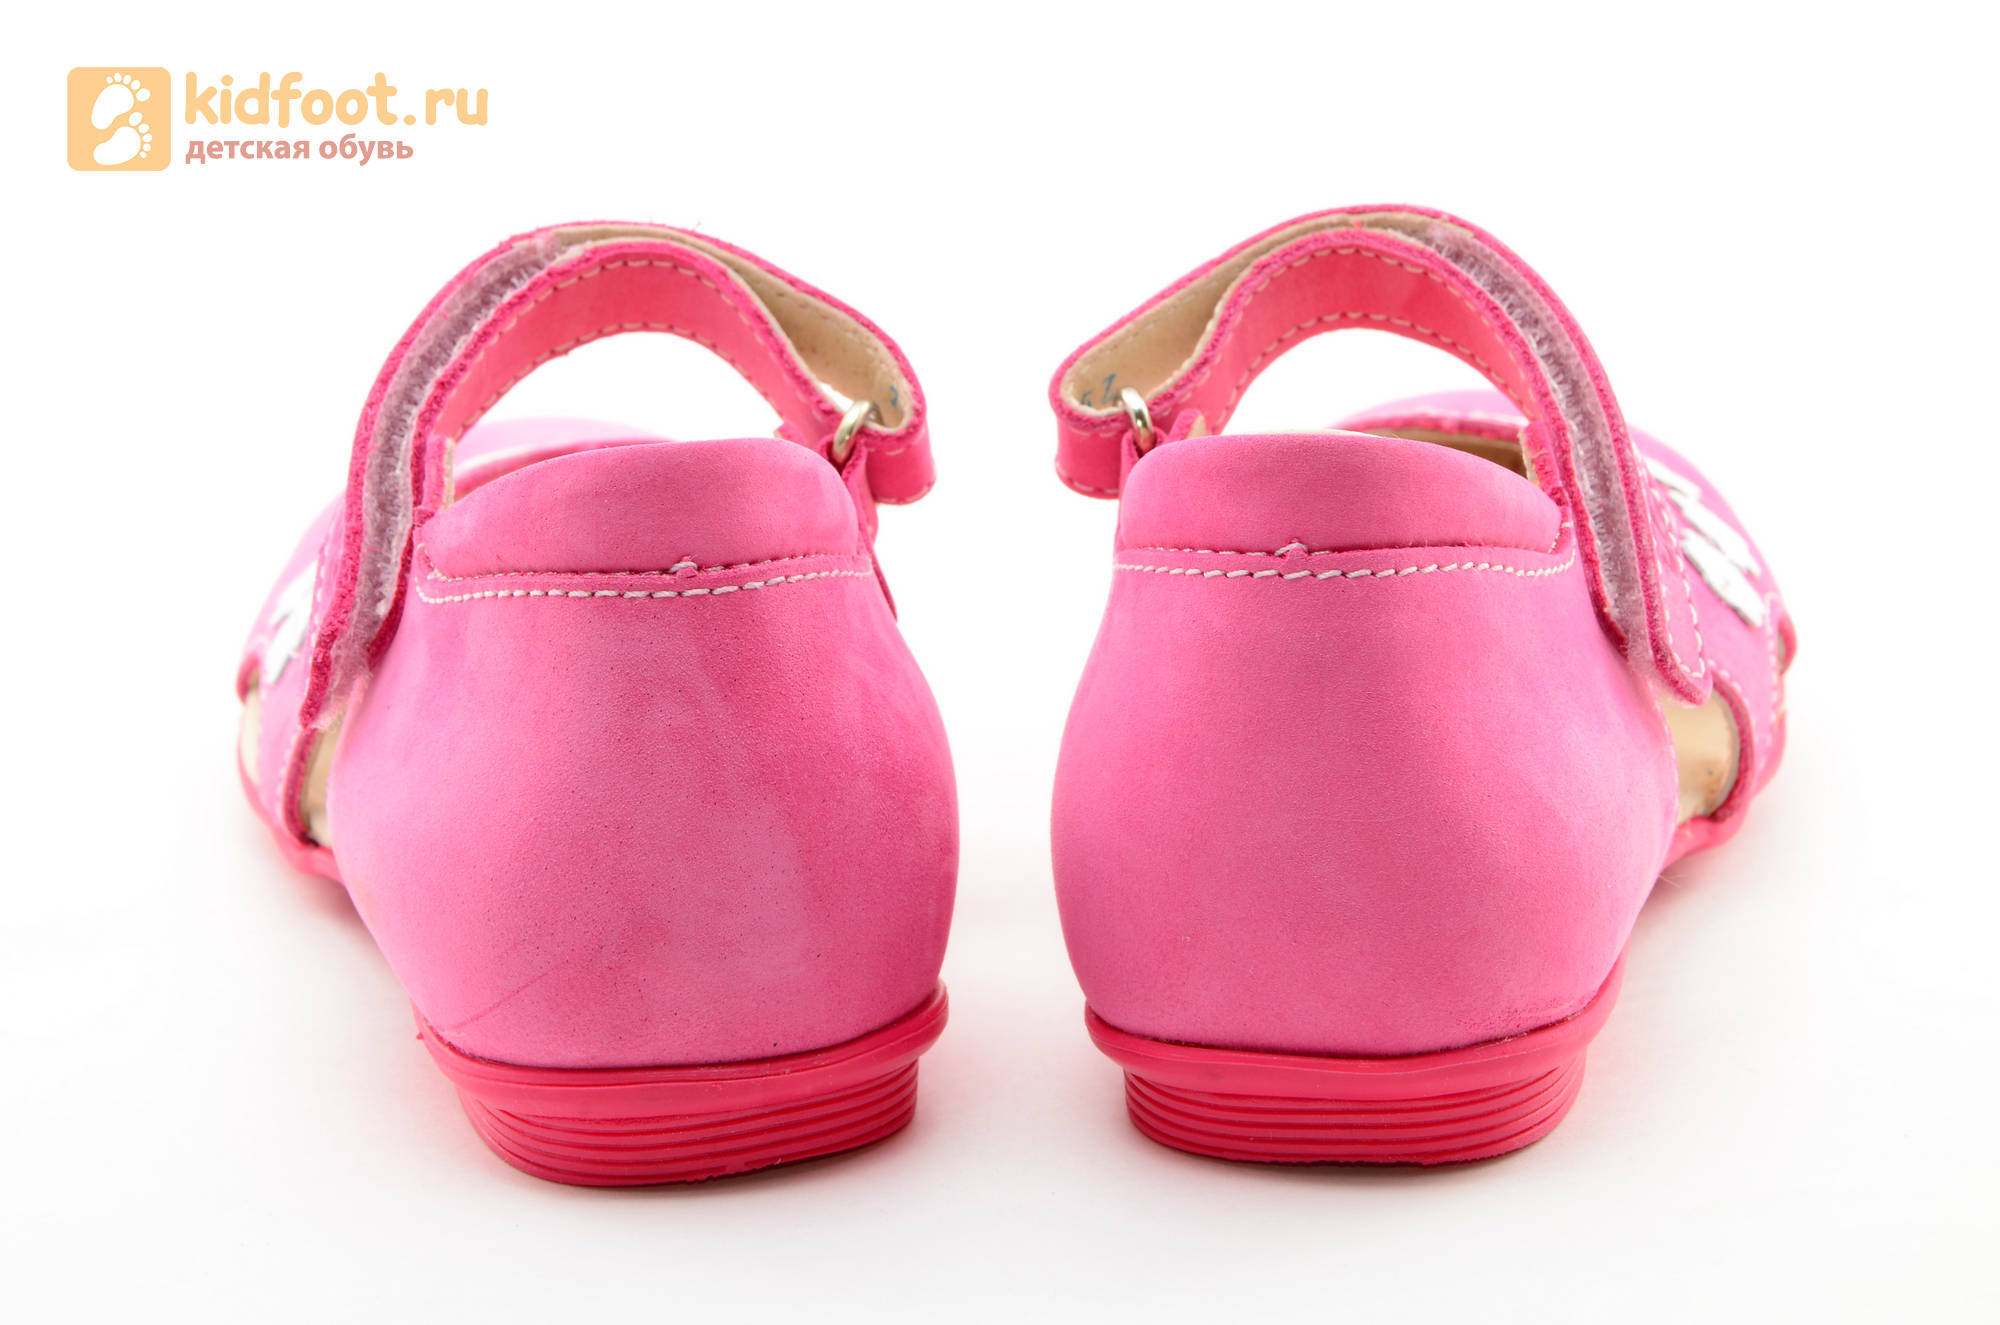 Туфли Тотто из натуральной кожи на липучке для девочек, цвет Розовый, 10208A